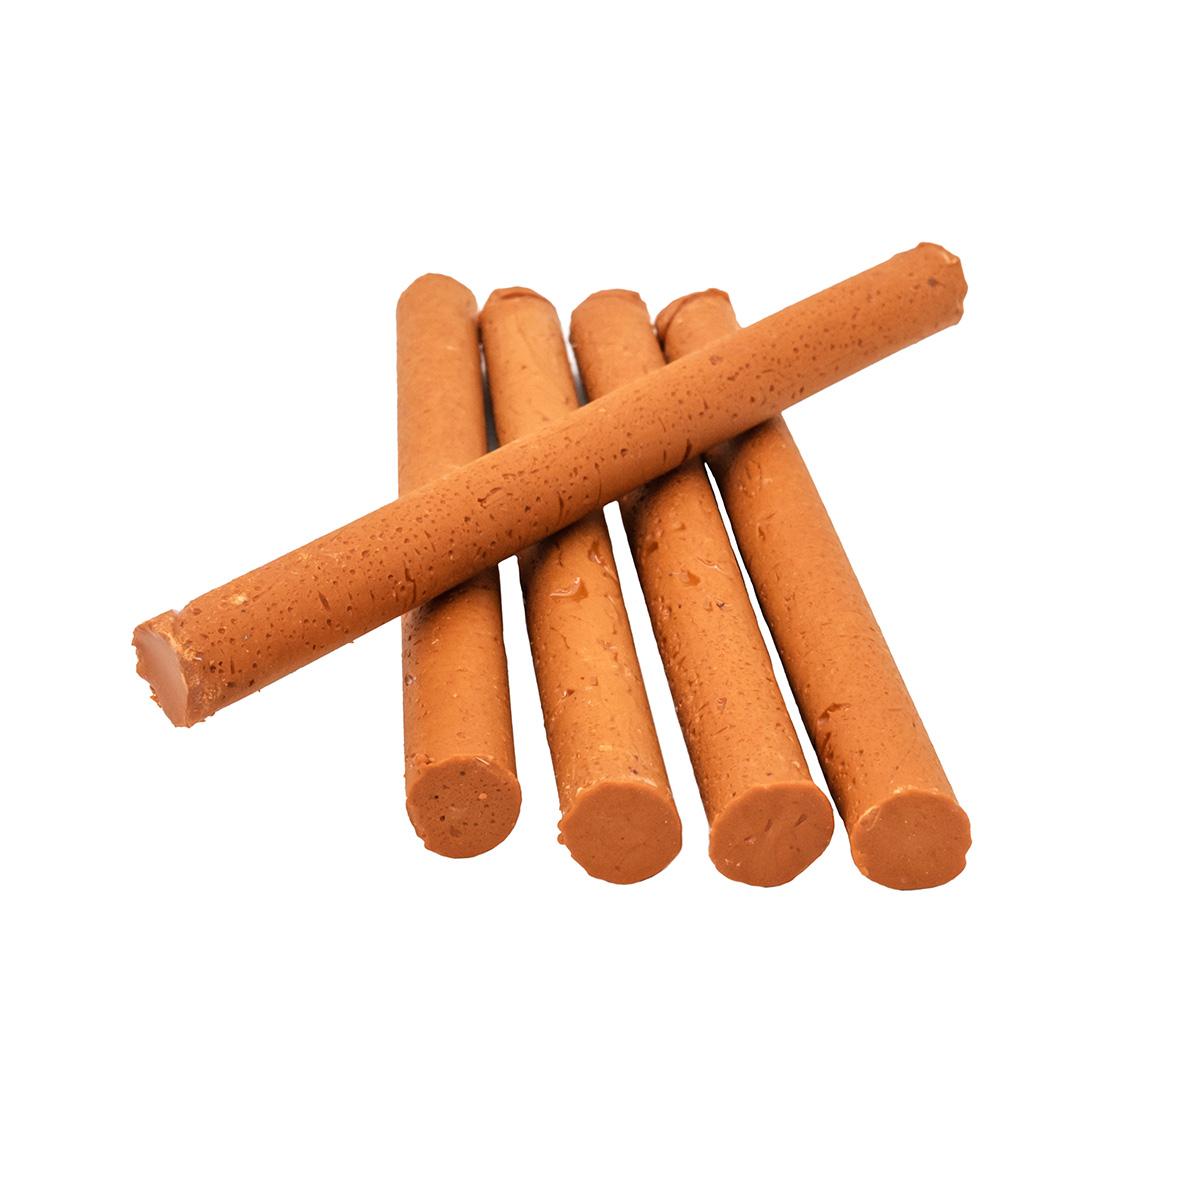 Сургуч в стержнях оранжевый для клеевого пистолета, 5шт/упак Астра